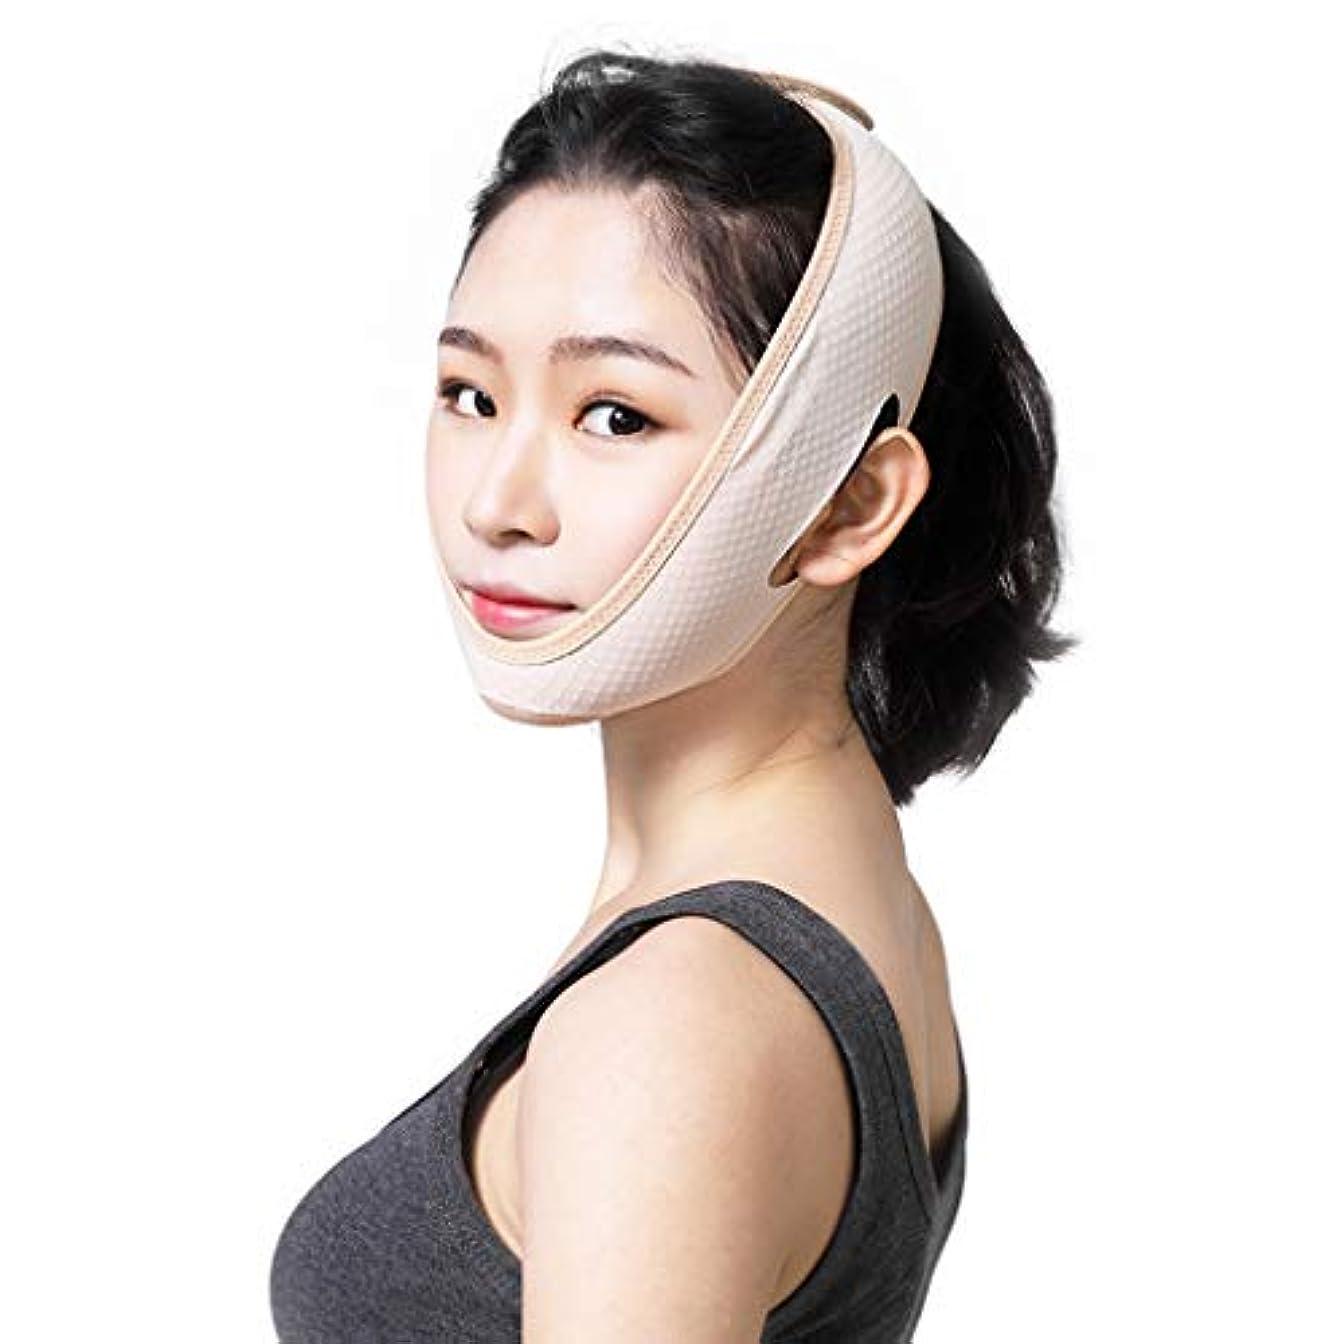 に渡って不運ストライド顔の減量顔 V 顔の薄い二重あごリフト引き締め顔面包帯睡眠マスクマッサージ通気性